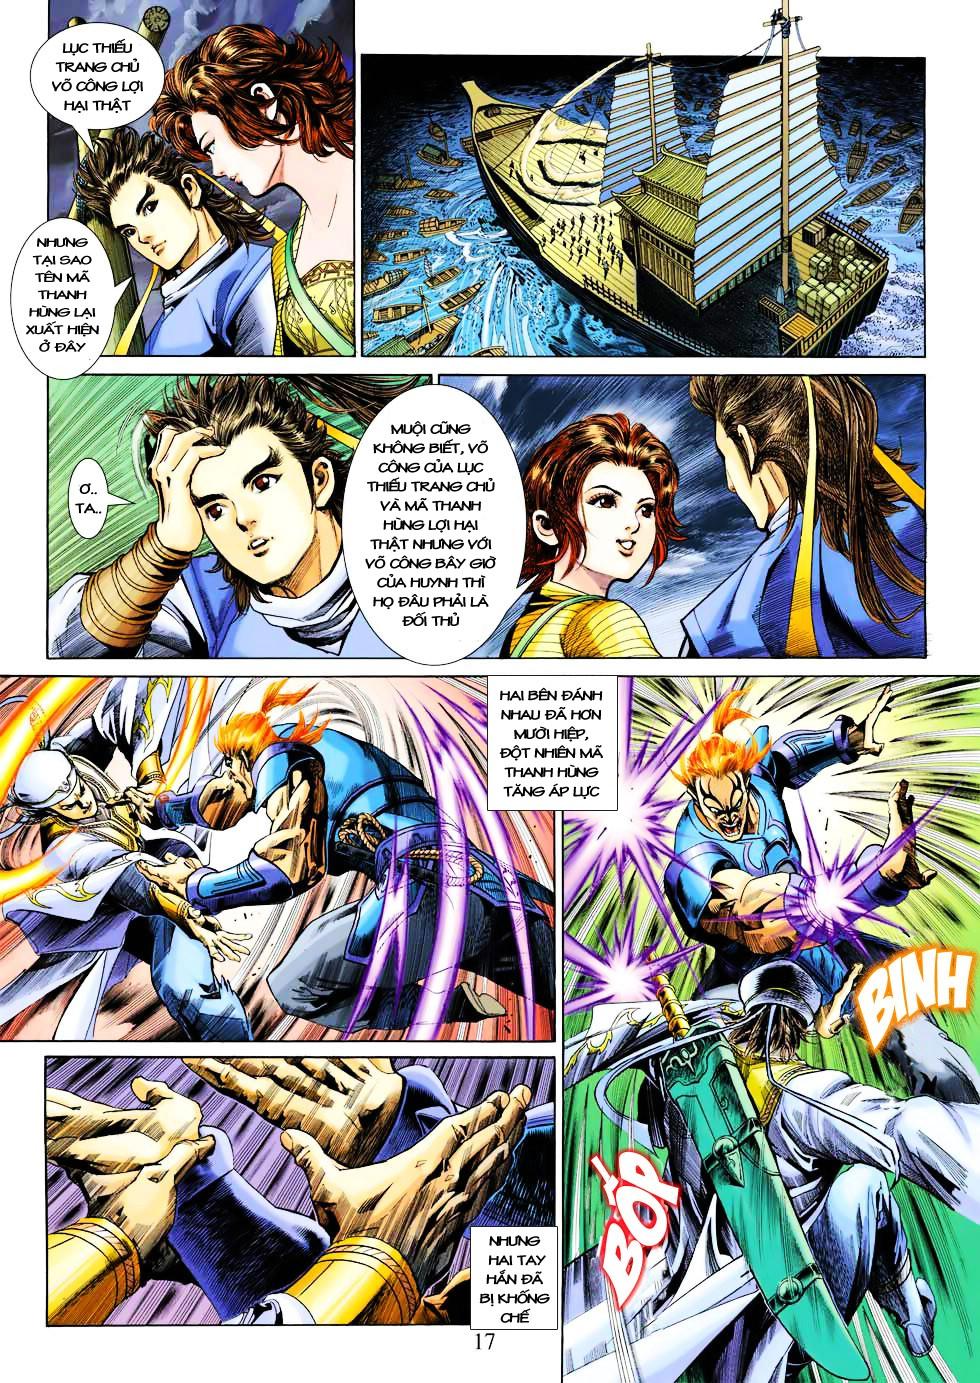 Anh Hùng Xạ Điêu anh hùng xạ đêu chap 27 trang 17